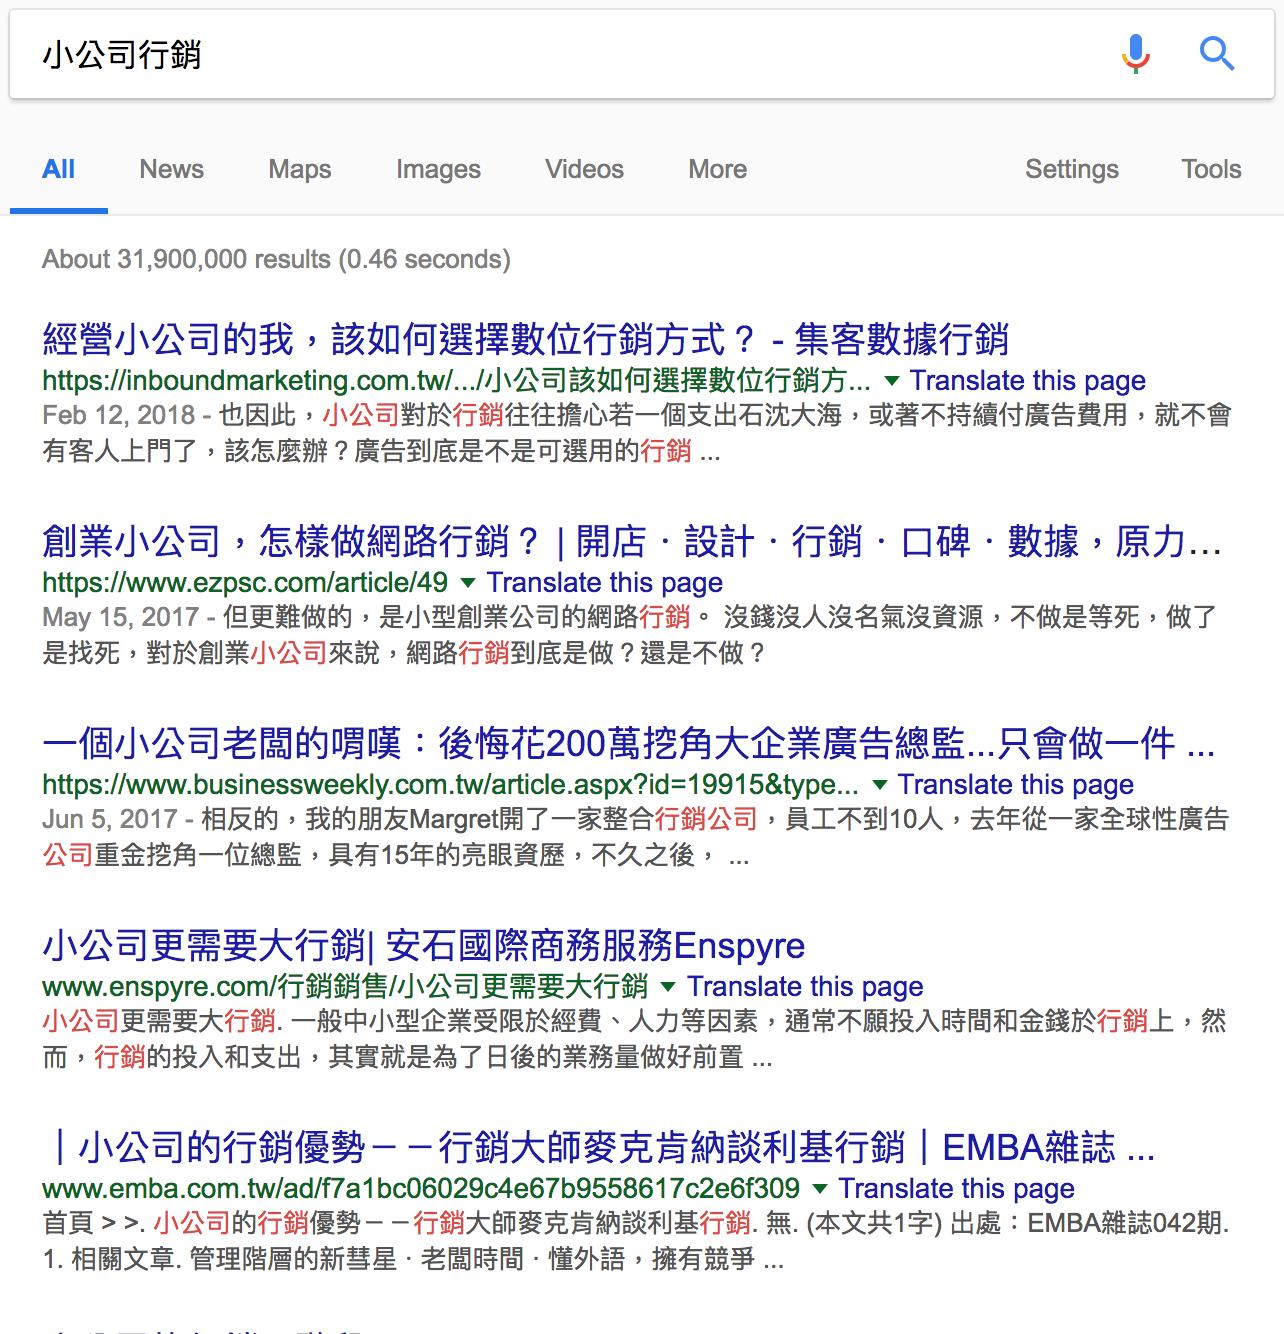 seo-品牌行銷的幫助-小公司行銷